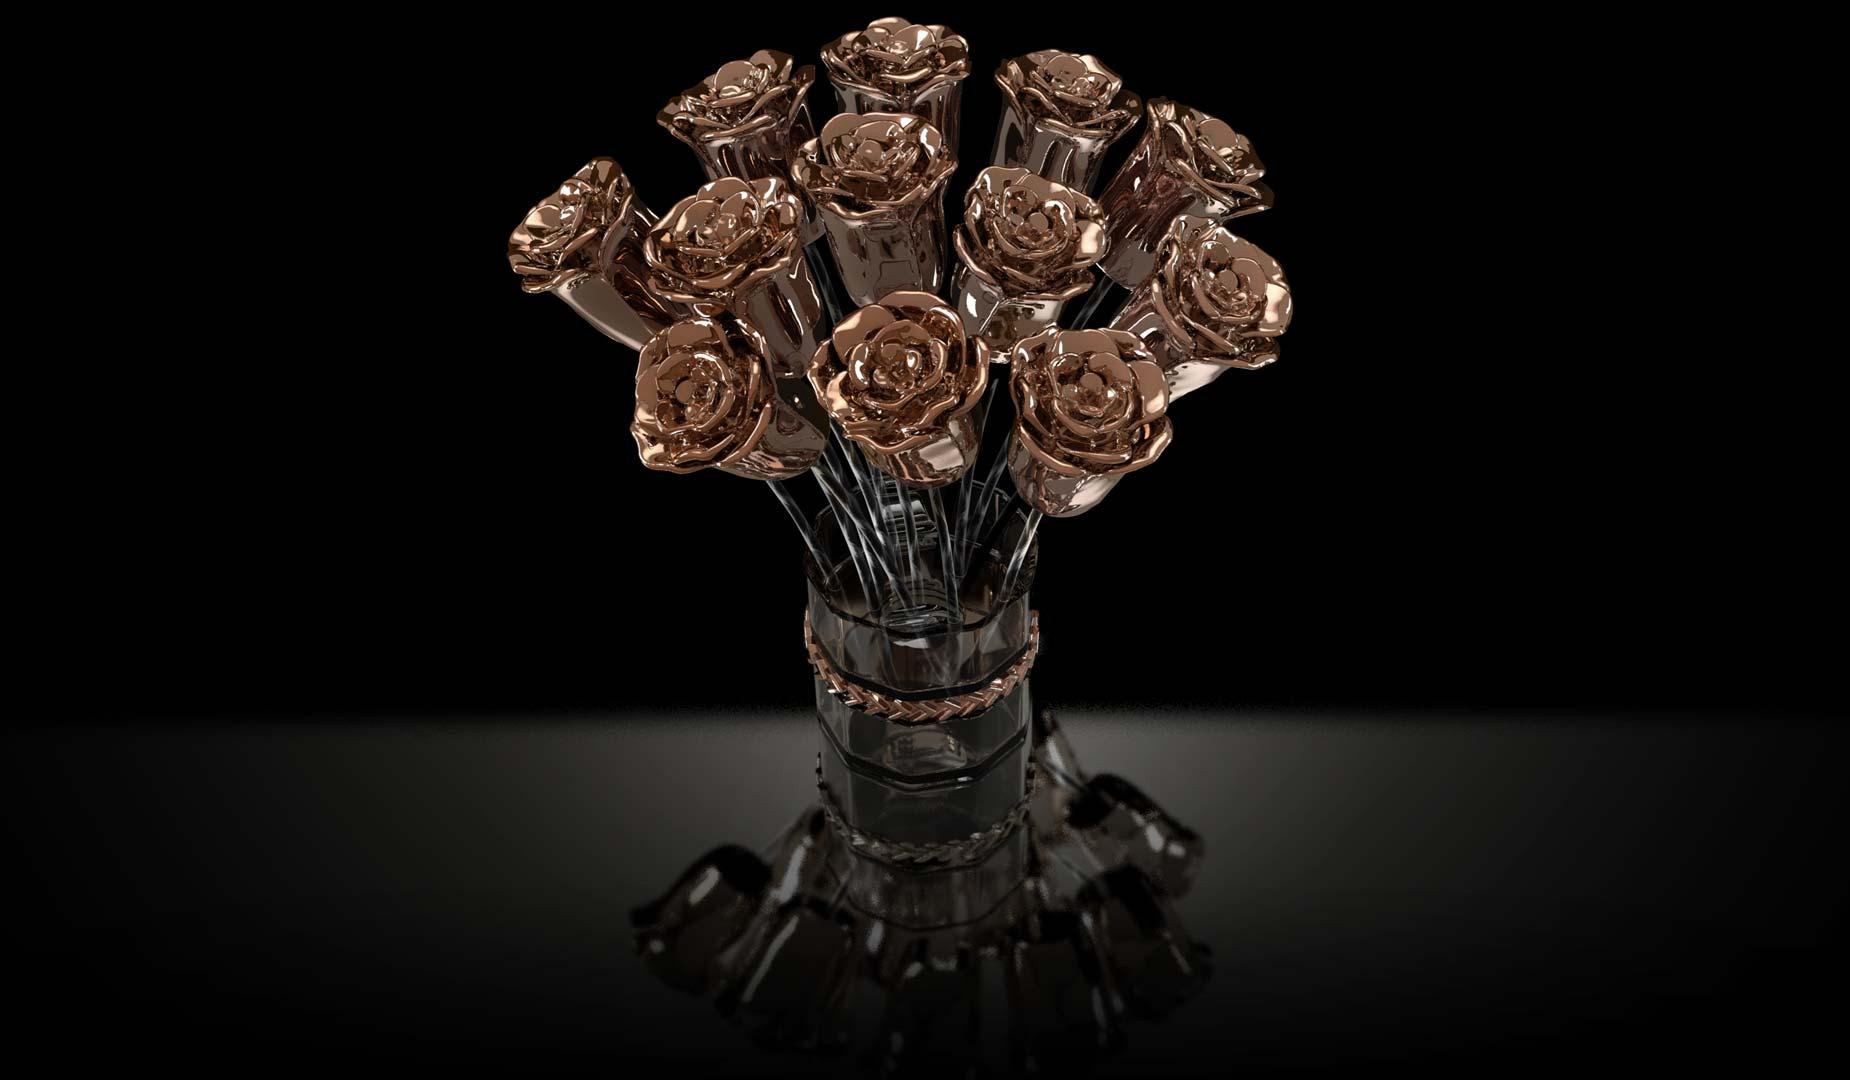 3D Rose Gold Roses